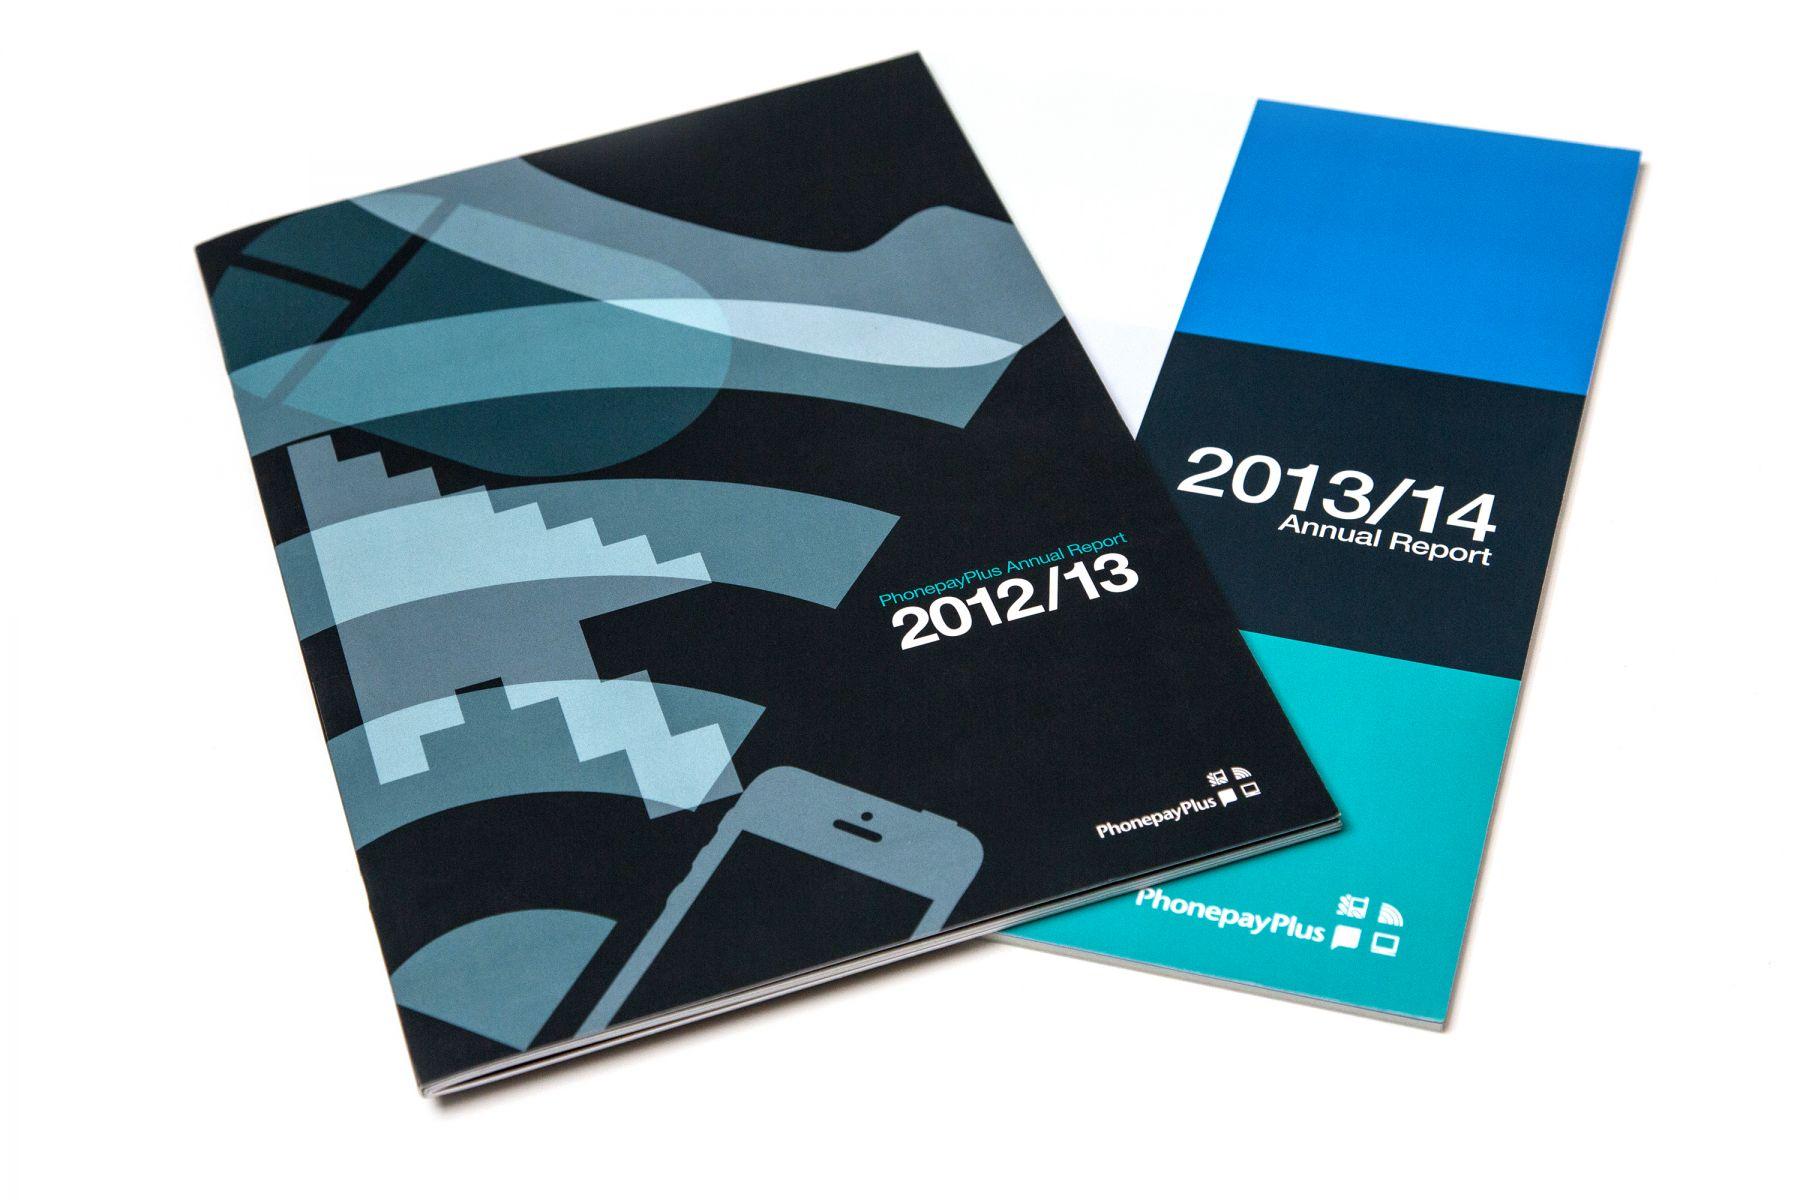 Annual Report cover designs